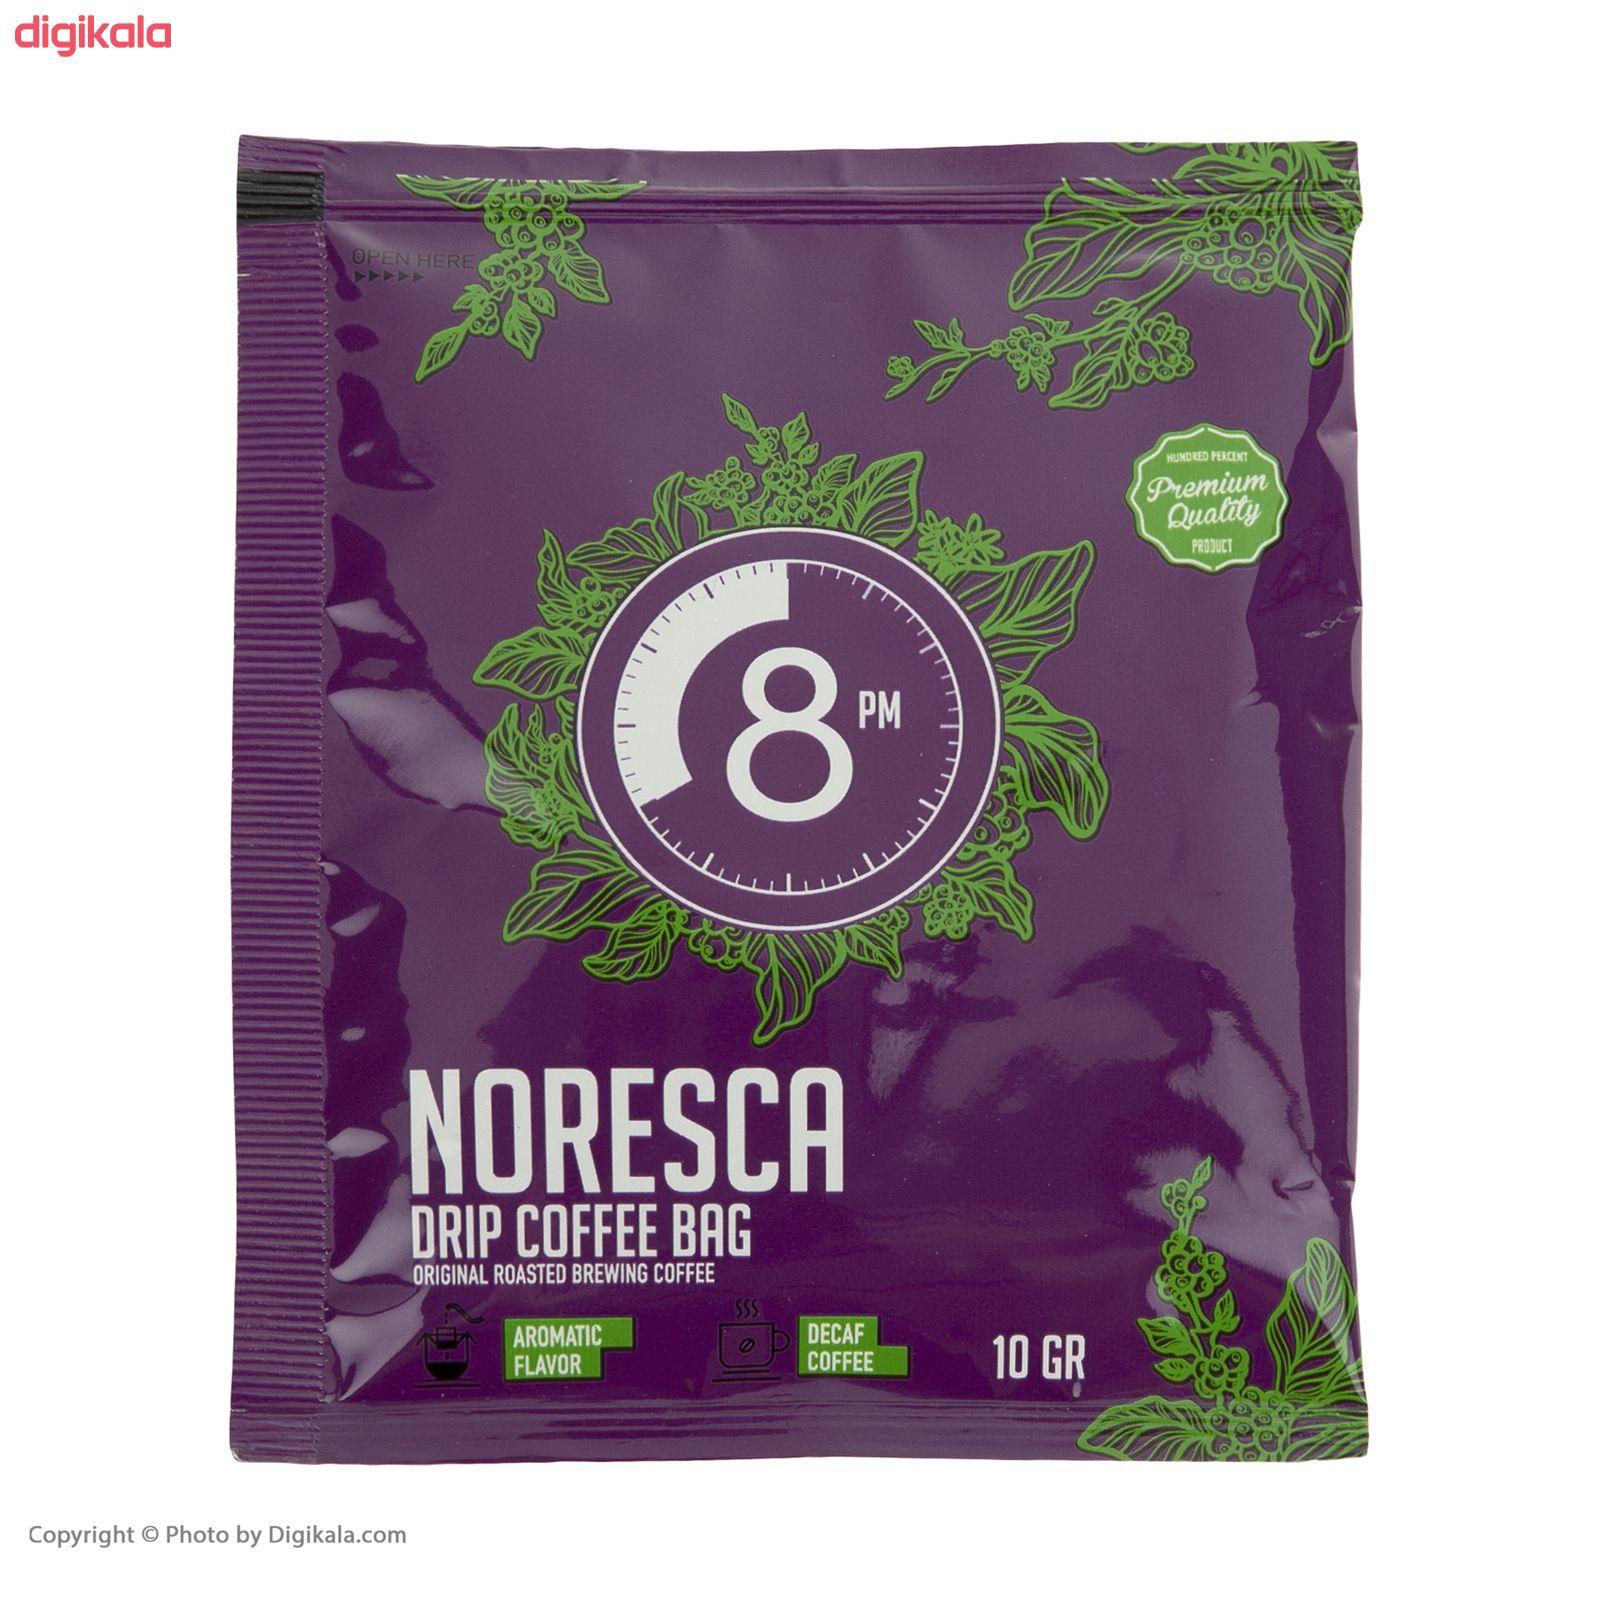 قهوه نورسکا ترکیبی بن مانو - بسته 24 عددی main 1 13